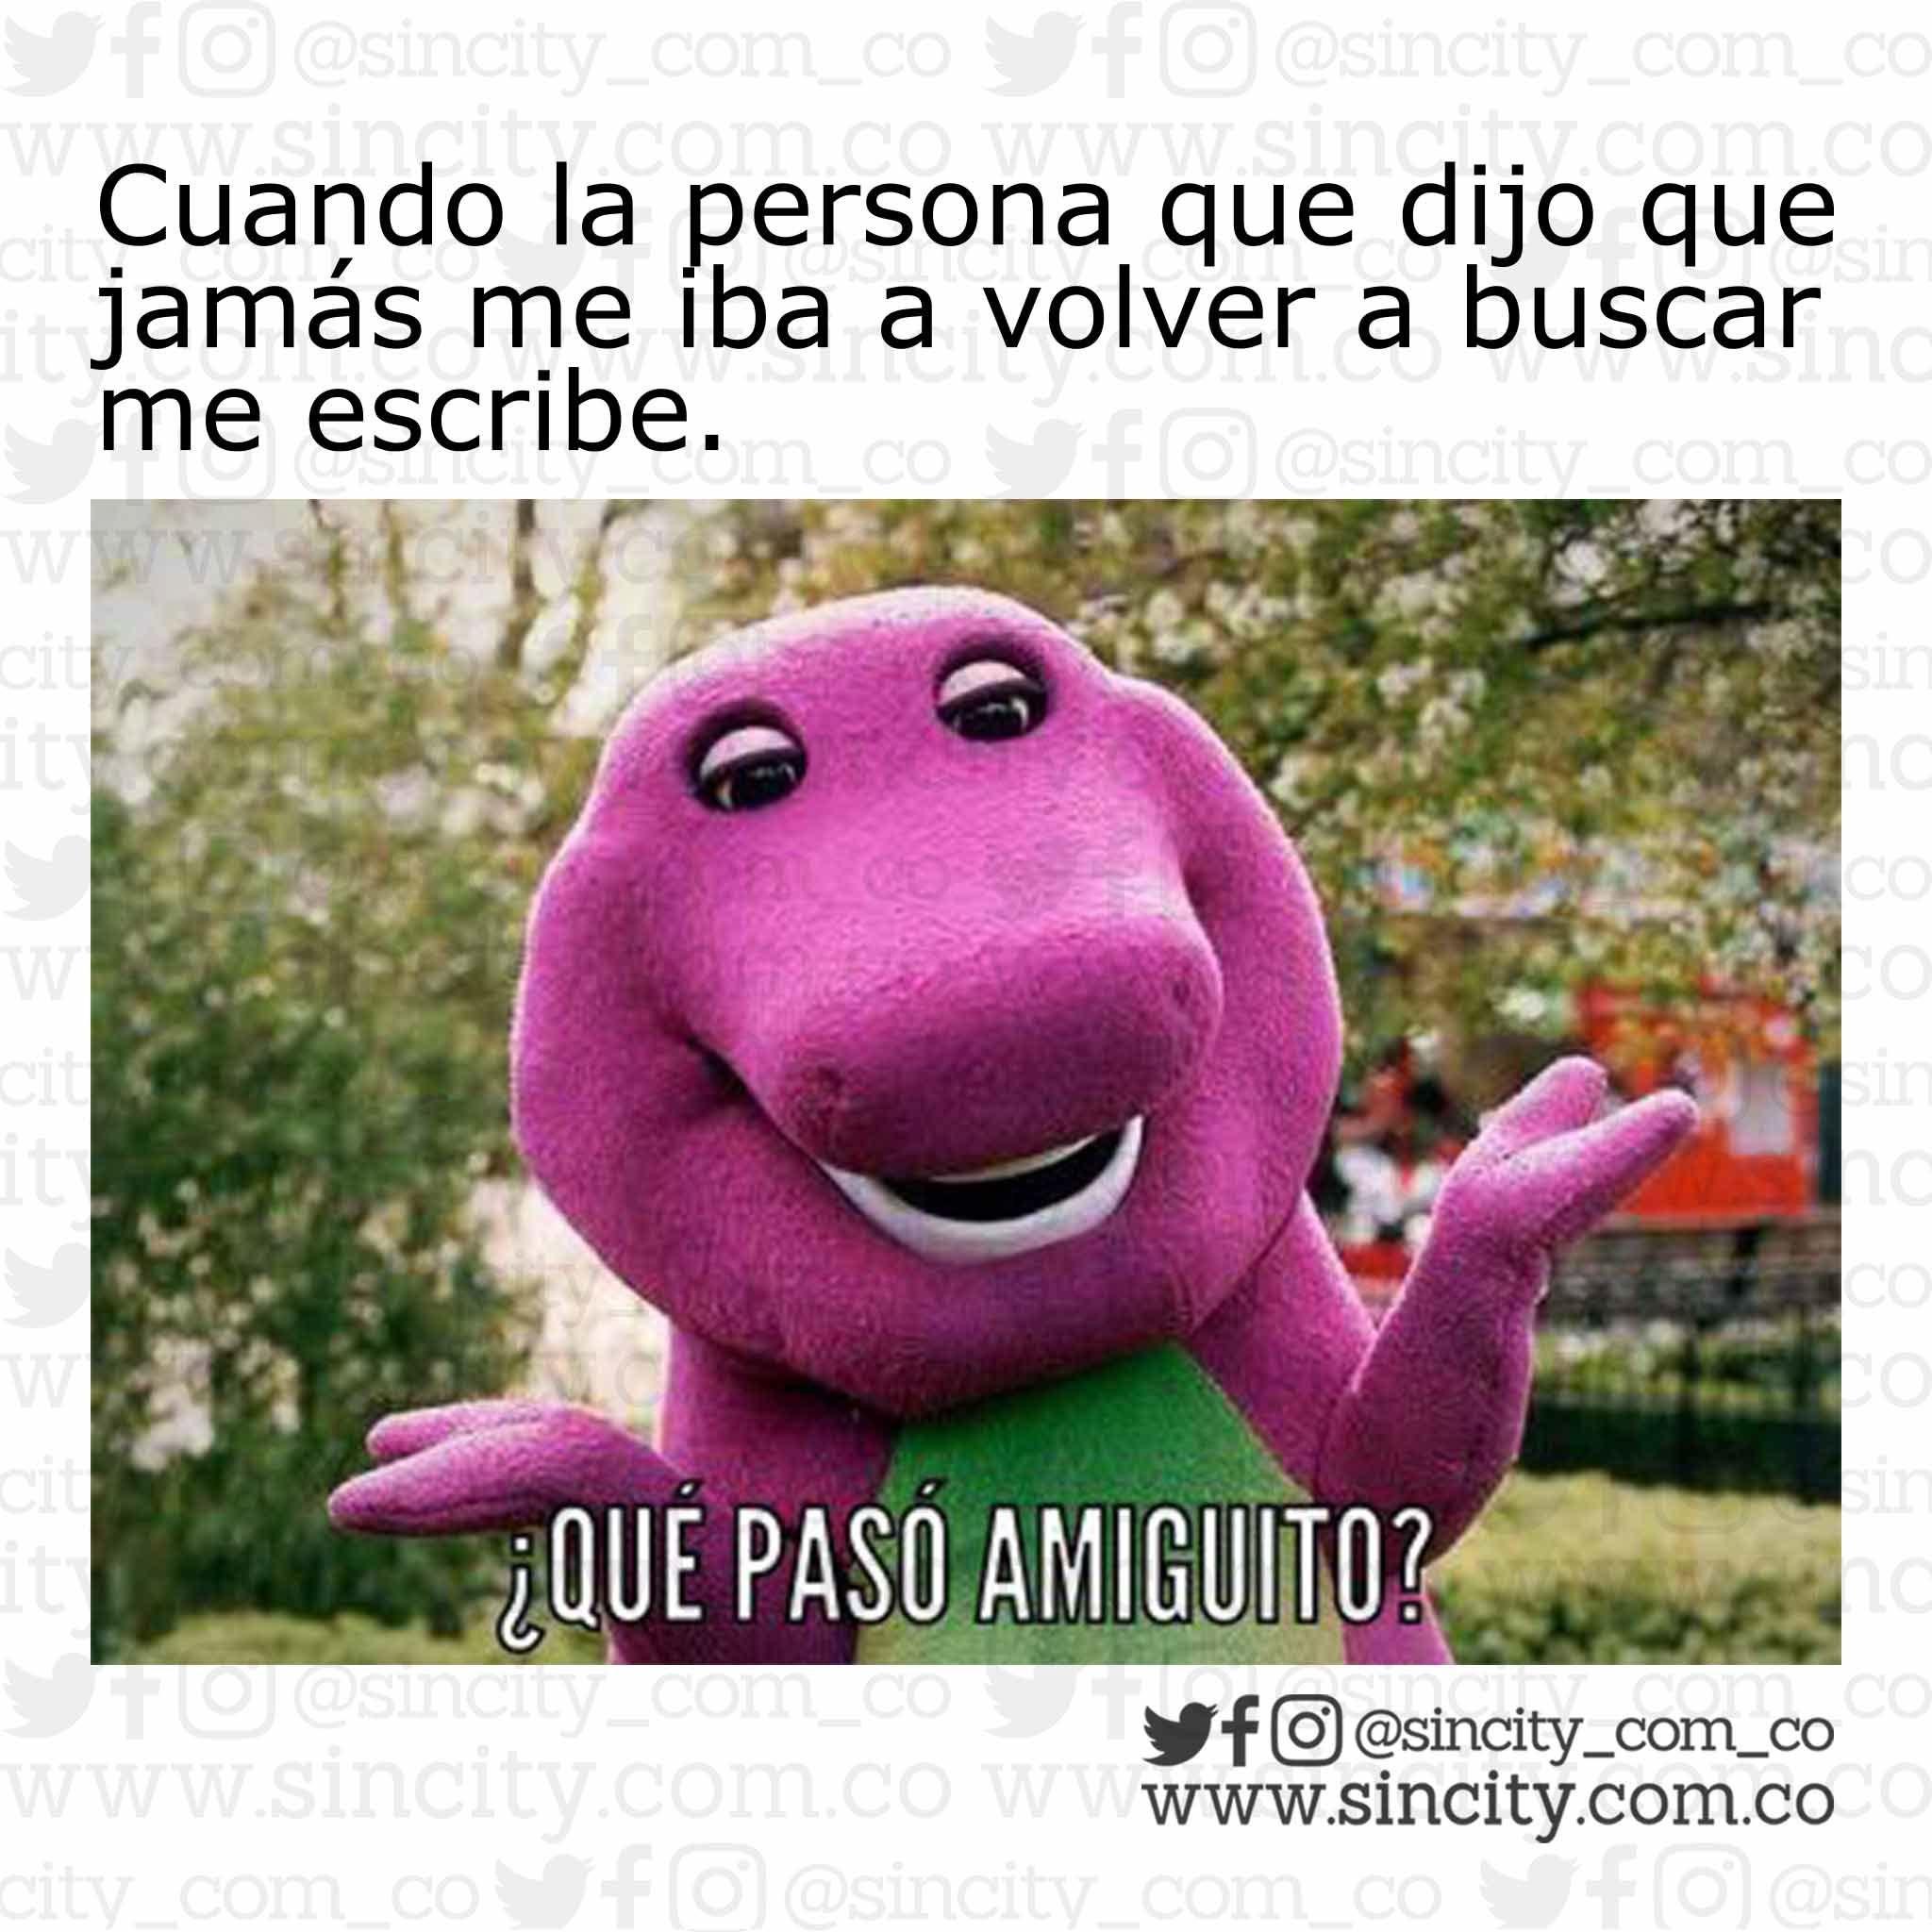 #imagenes #imagenessincity #sincity #sincitycolombia #colombia #quepasoamiguito #barney #notevoyavolverabuscar #amor #parejas #sexshop #sexshopcolombia #sexshopmedellin #medellin